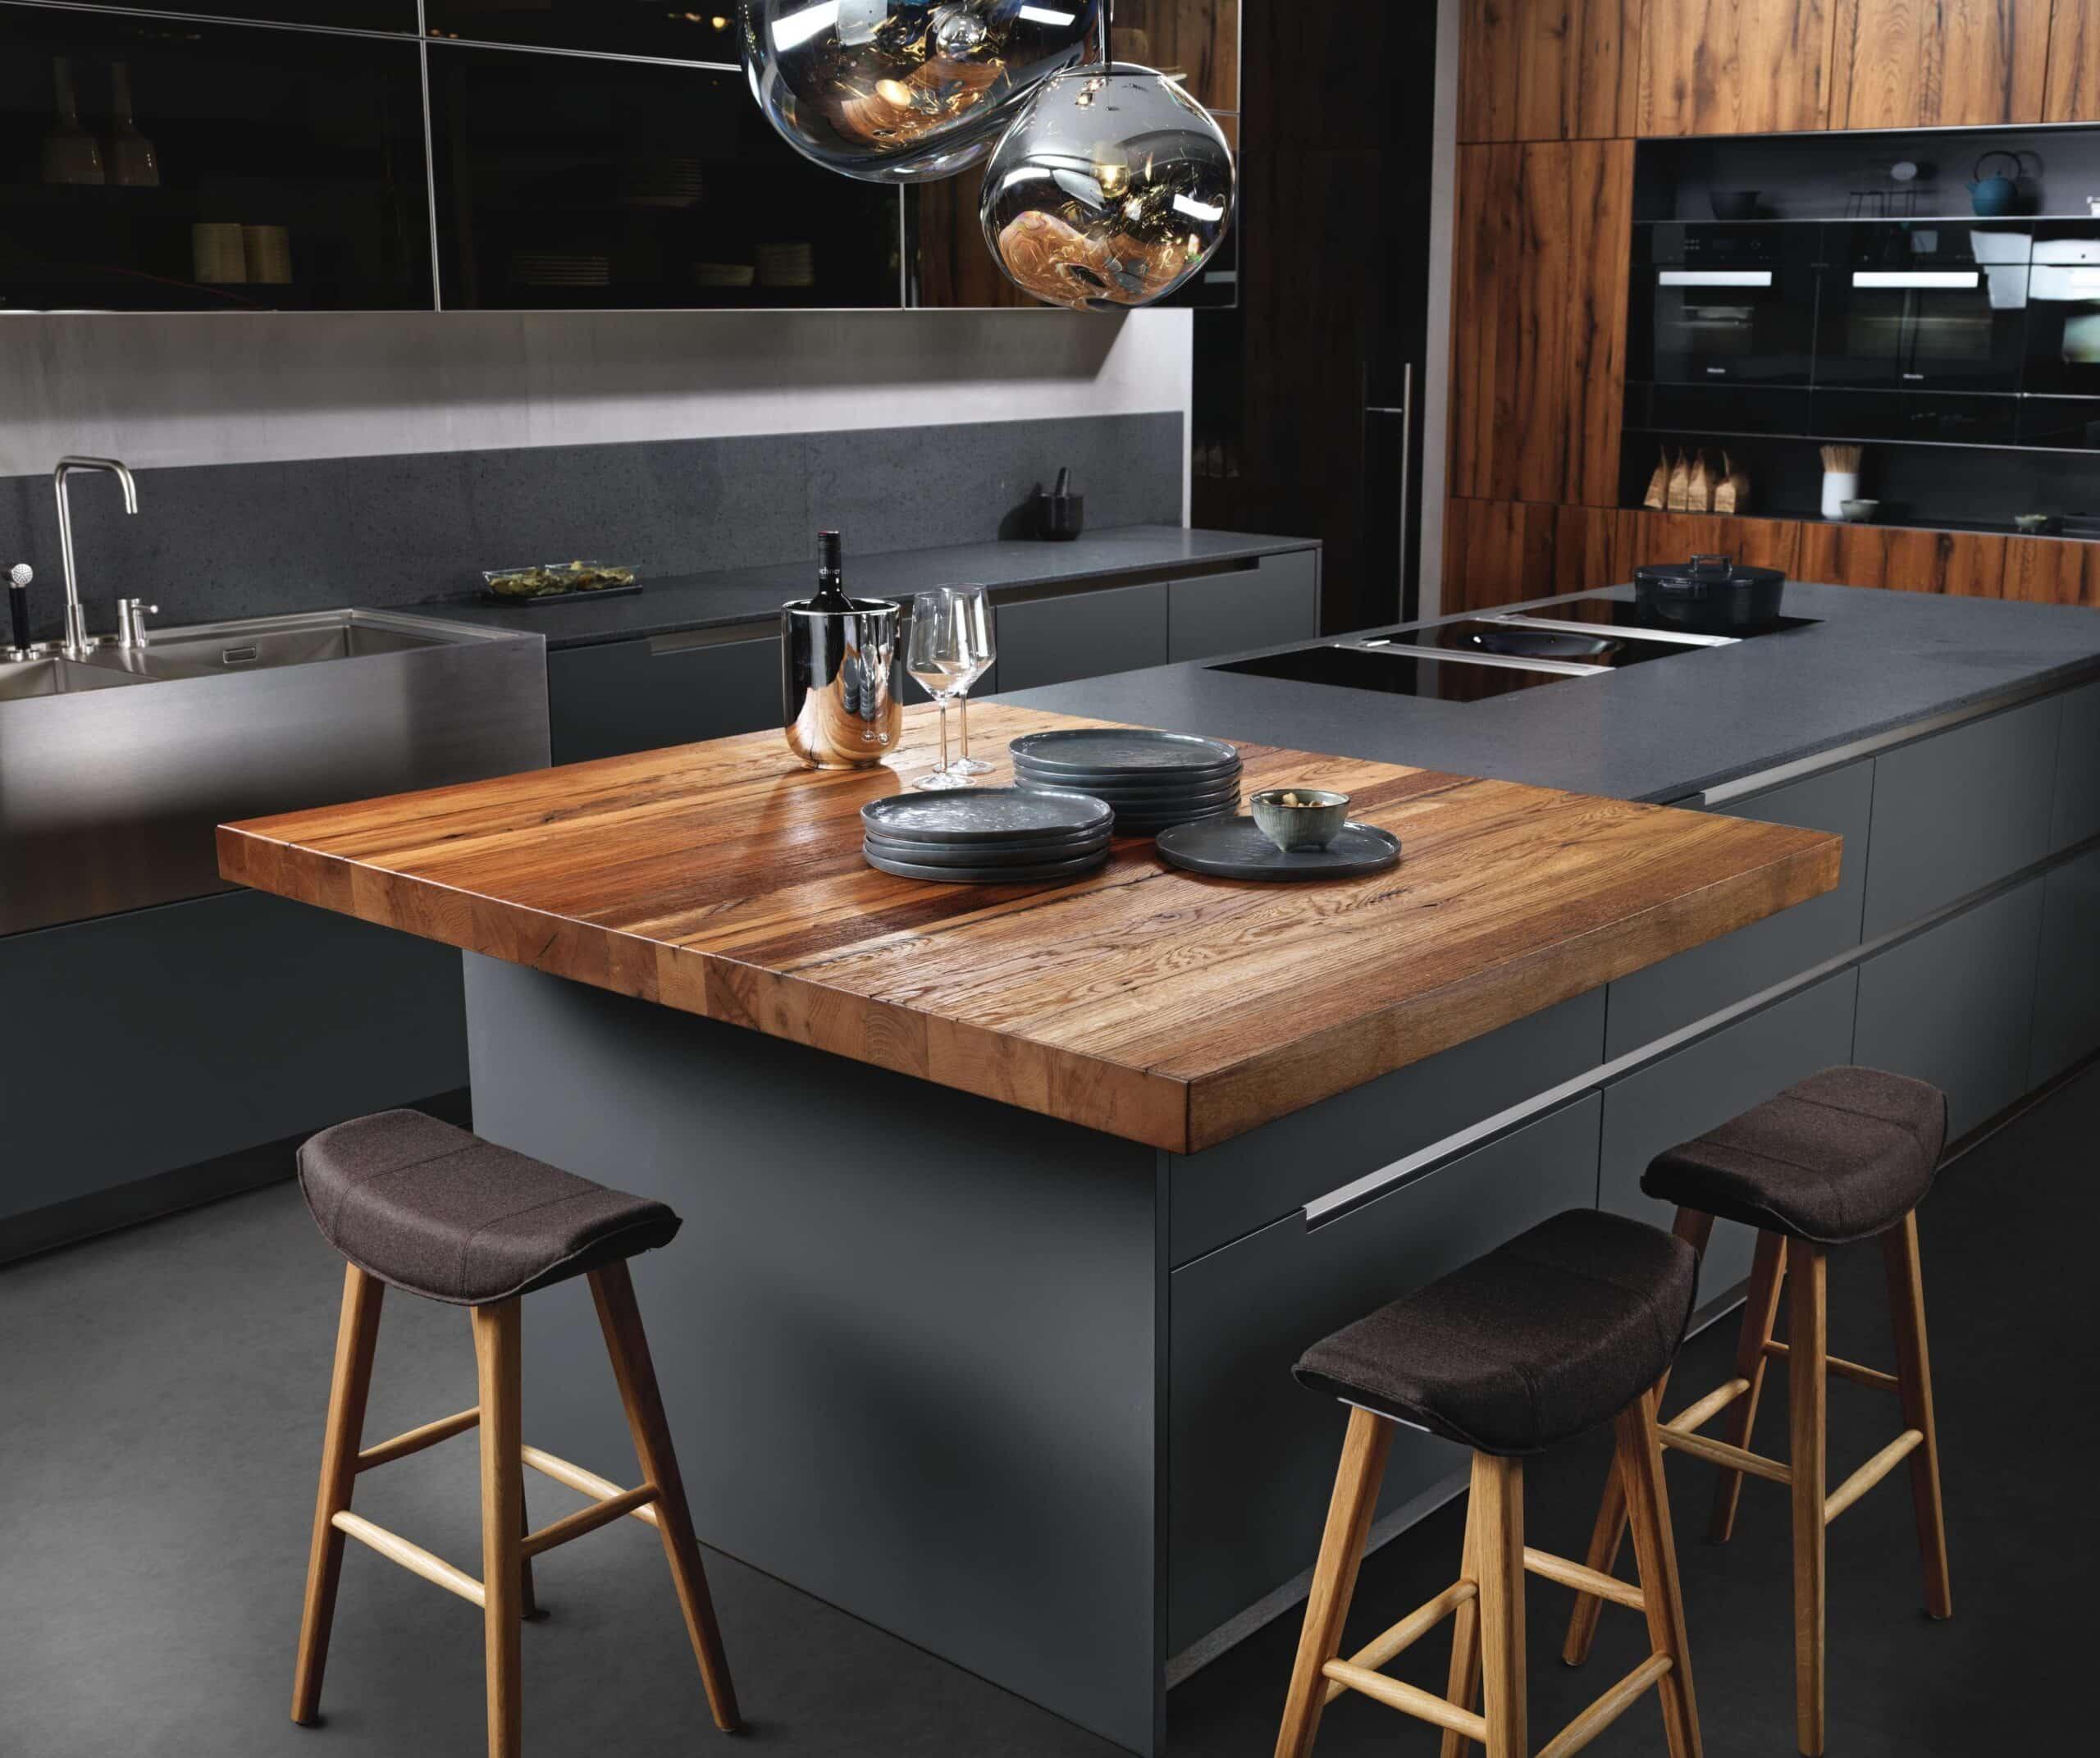 Kochinsel | Moderne Küche - Eilmannsberger Rohrbach